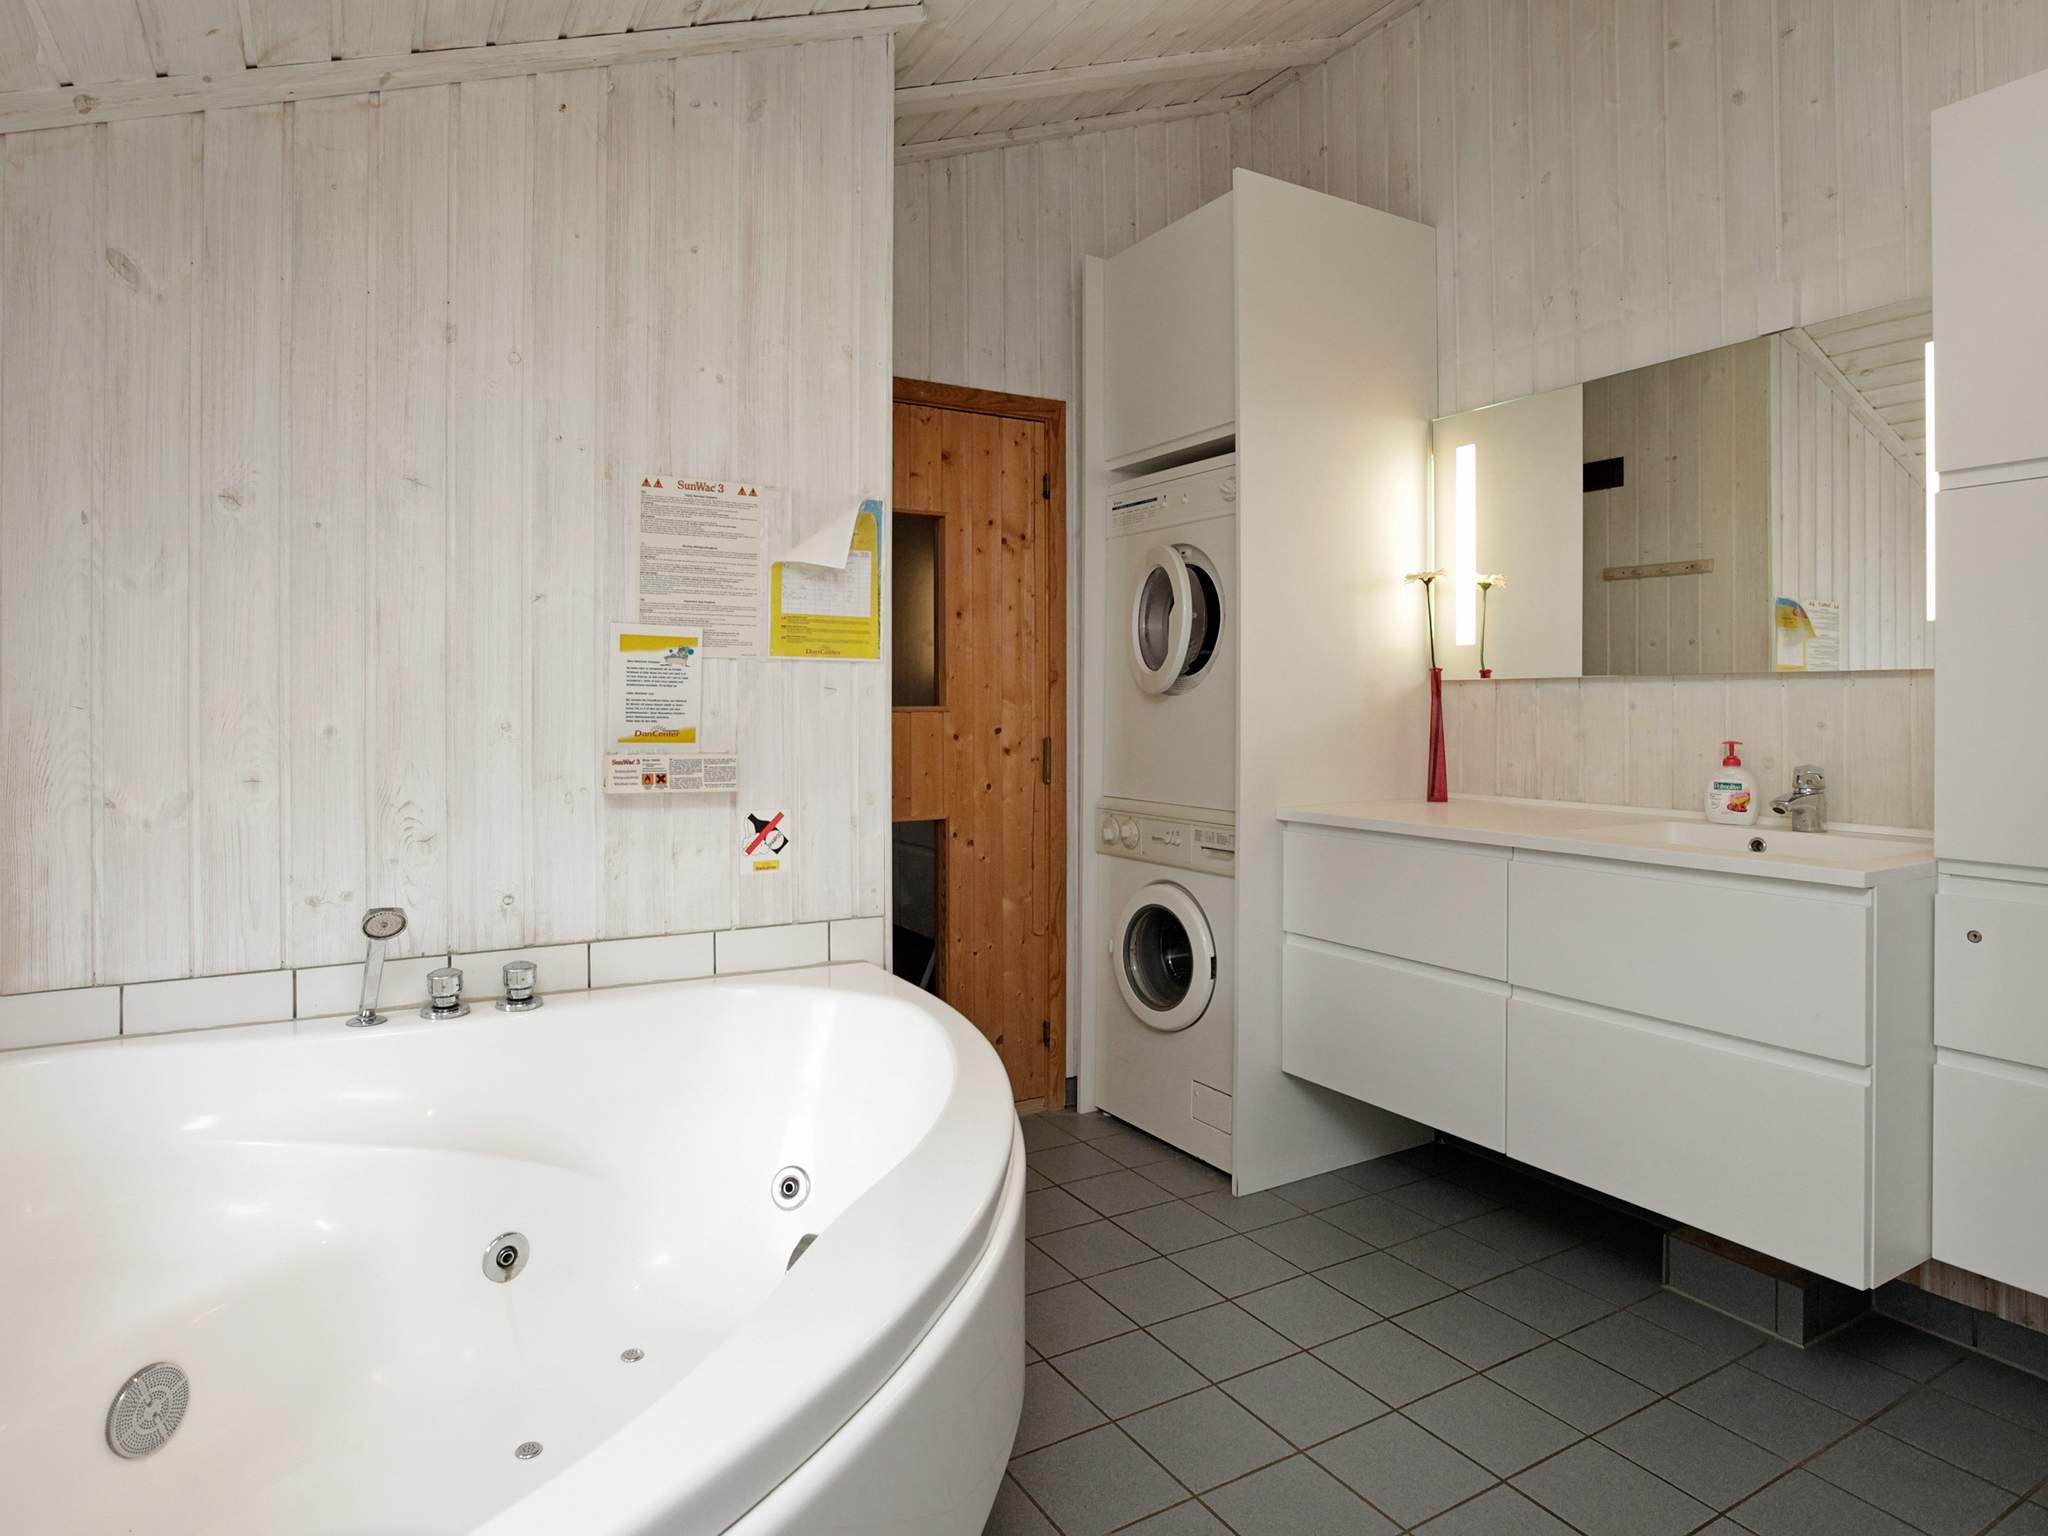 Ferienhaus Løkken (84407), Løkken, , Nordwestjütland, Dänemark, Bild 11